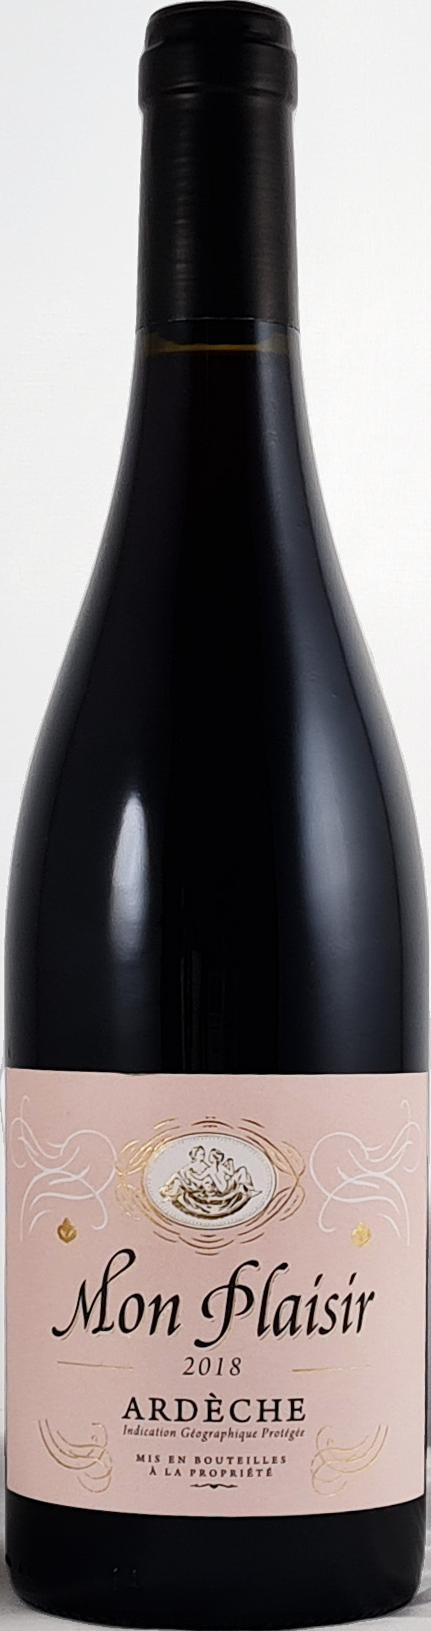 IGP Ardèche vin rouge